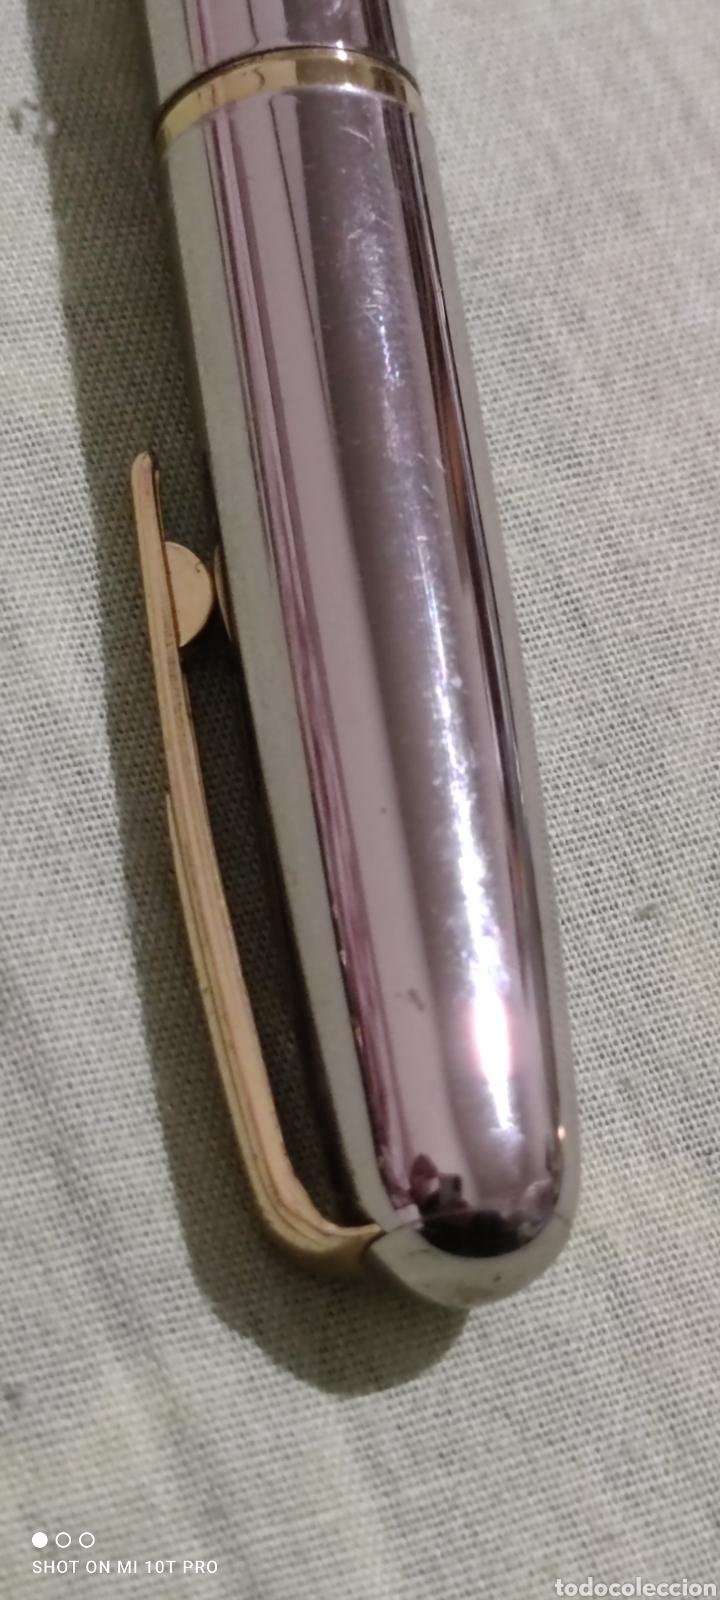 Bolígrafos antiguos: Bolígrafo tombow - Foto 6 - 293661333